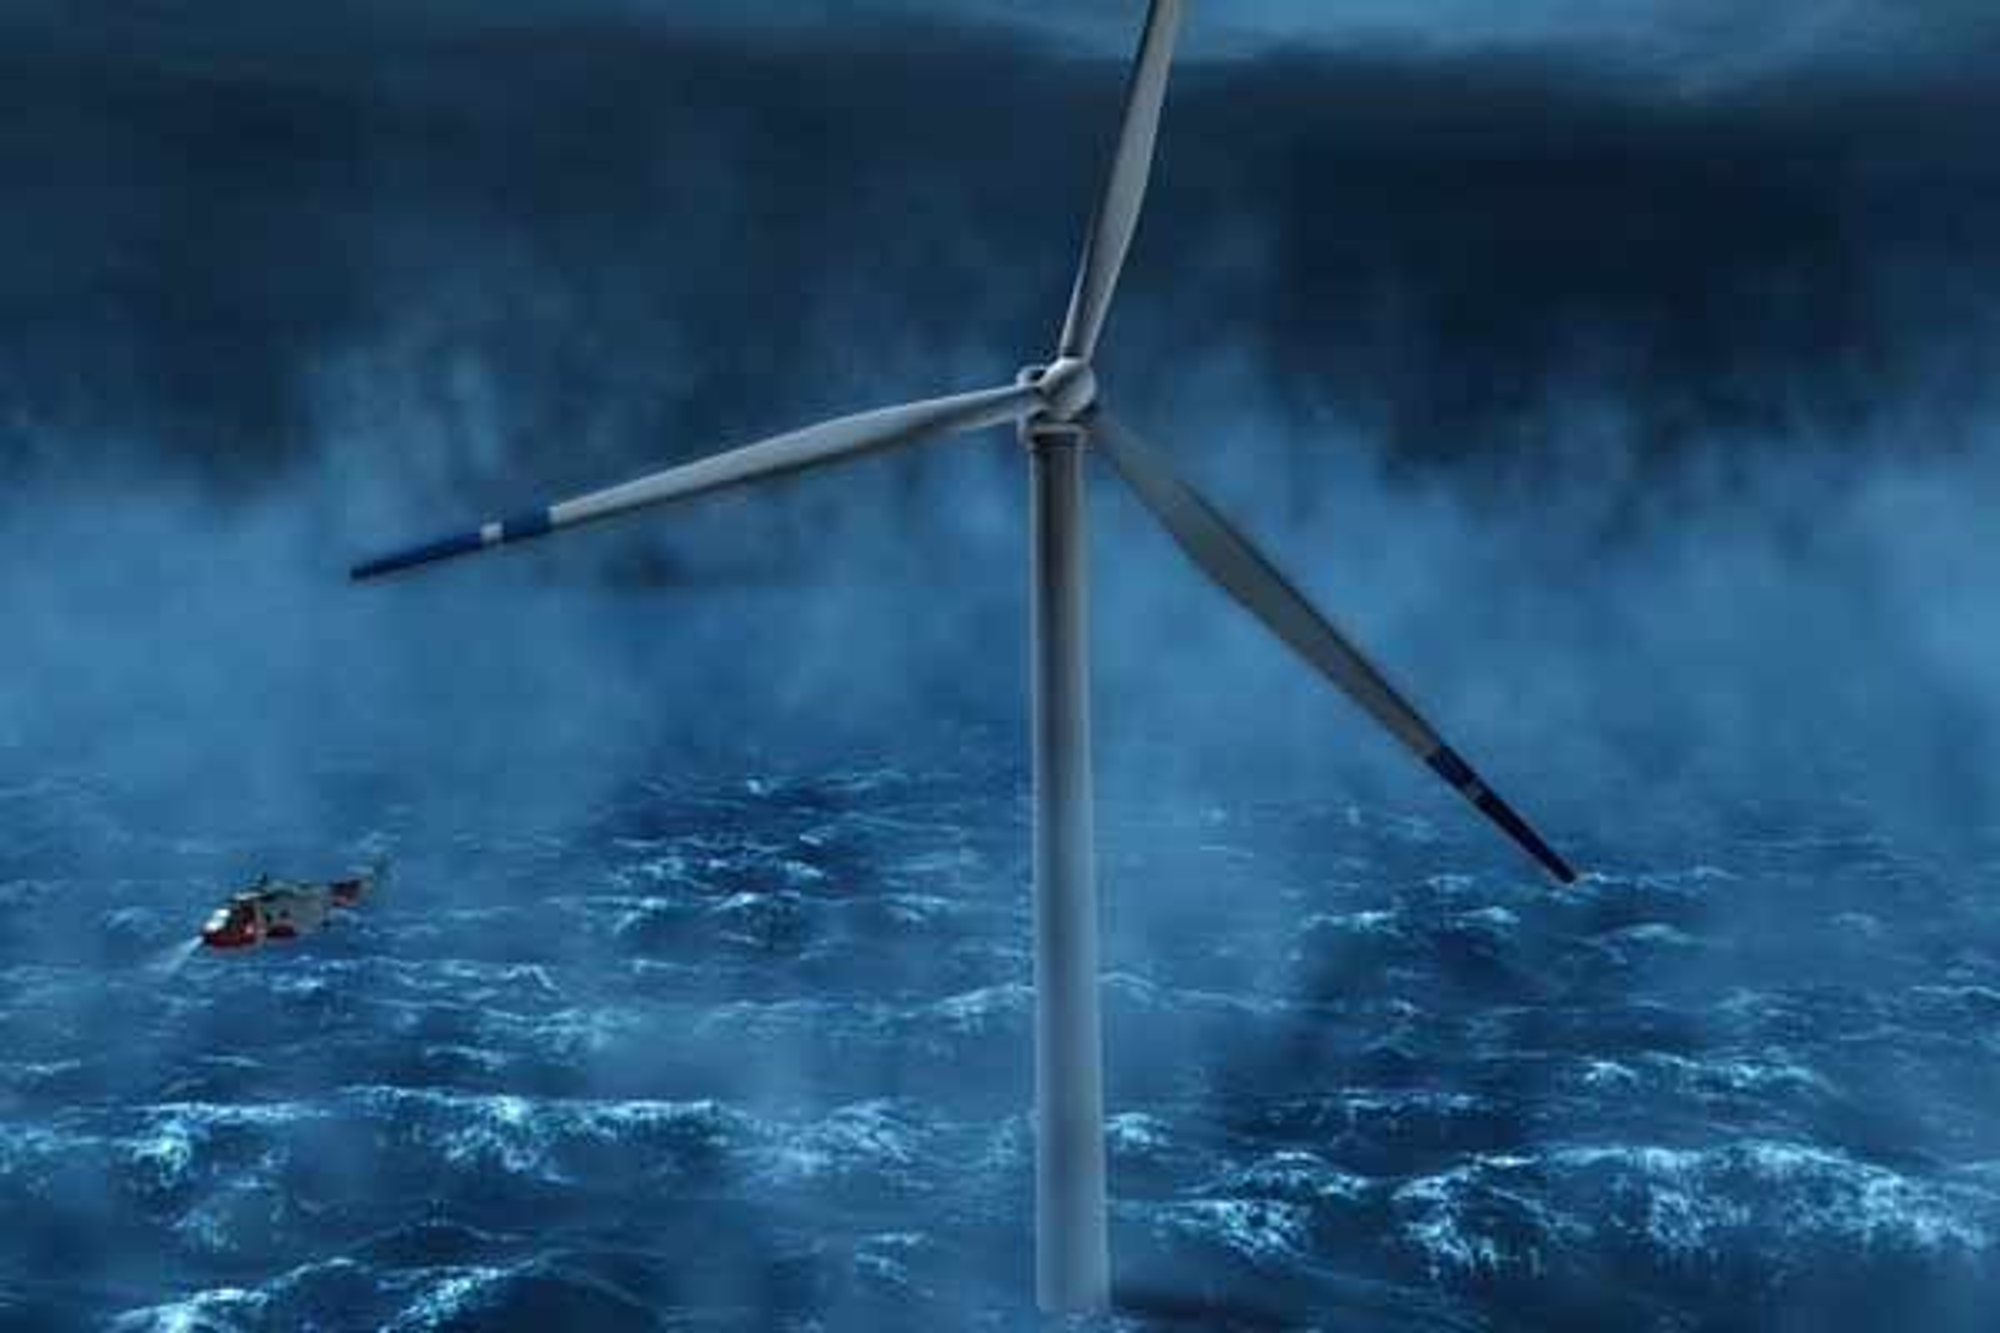 KAMP MOT KLOKKA: Statoilhydros Hywind blir den første industrielle fullskala demonstrasjonsenheten for flytende vindturbiner. Flere aktører vil utvide Hywinds strømkabel slik at flere umodne teknologier kan testes. Men StatoilHydro har dårlig tid.